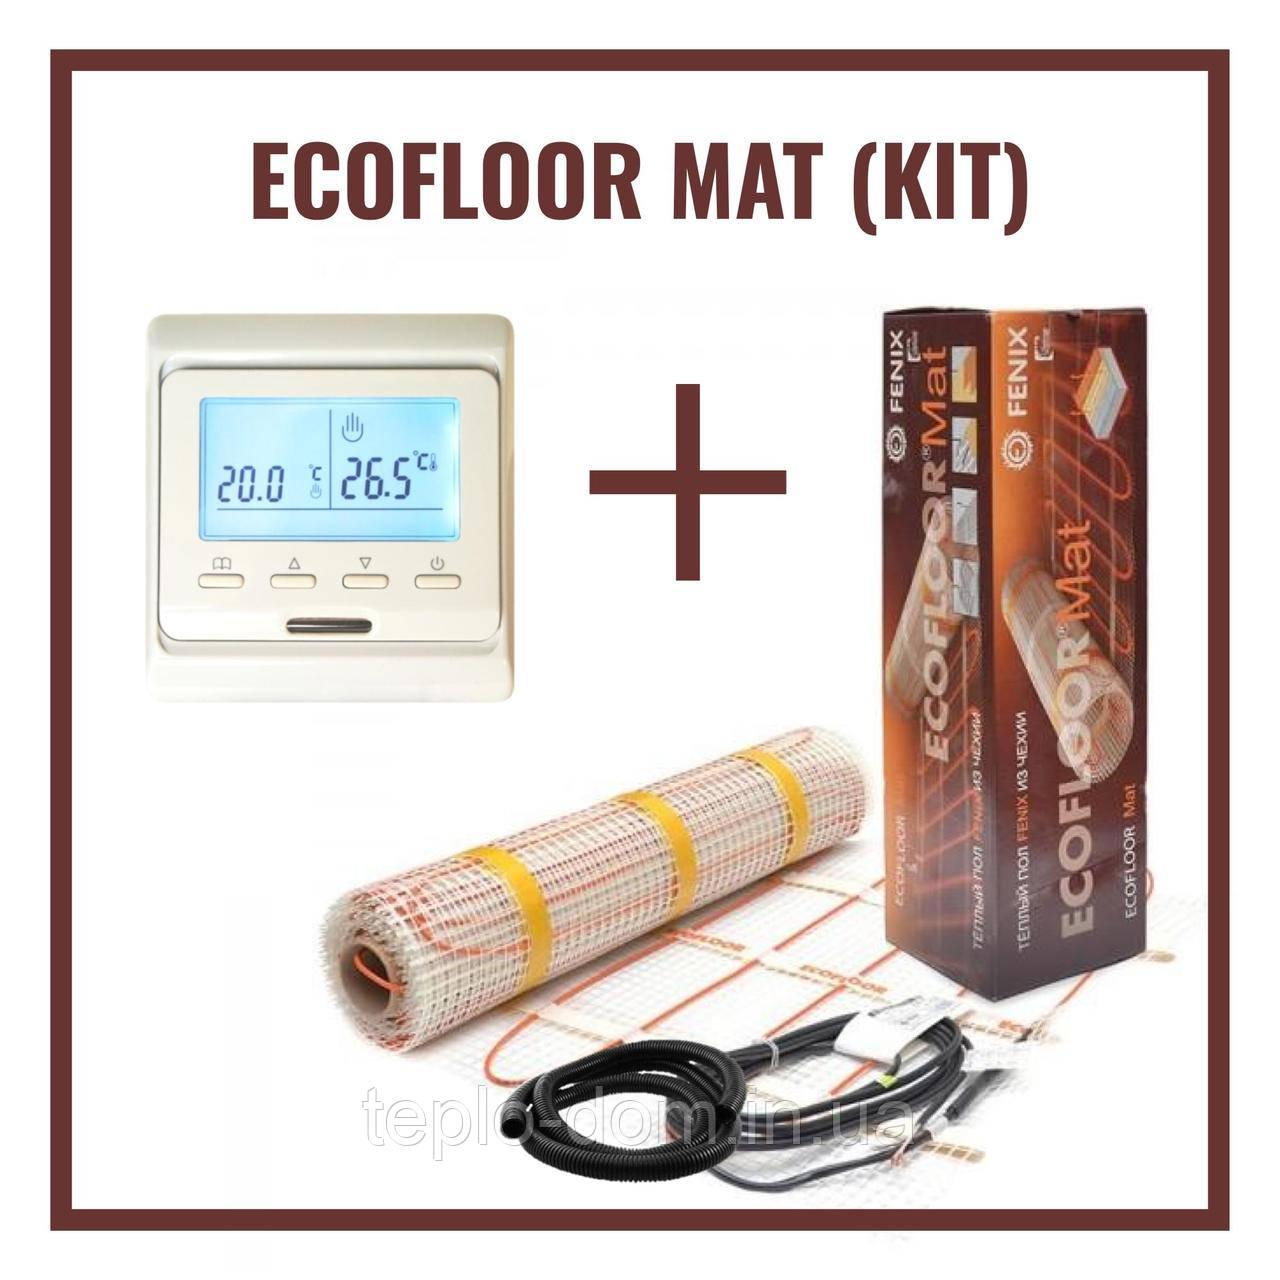 Нагревательный мат Fenix LDTS 12560 ( 3.35 м2) с Программируемым терморегулятором E - 51  (Премиум)